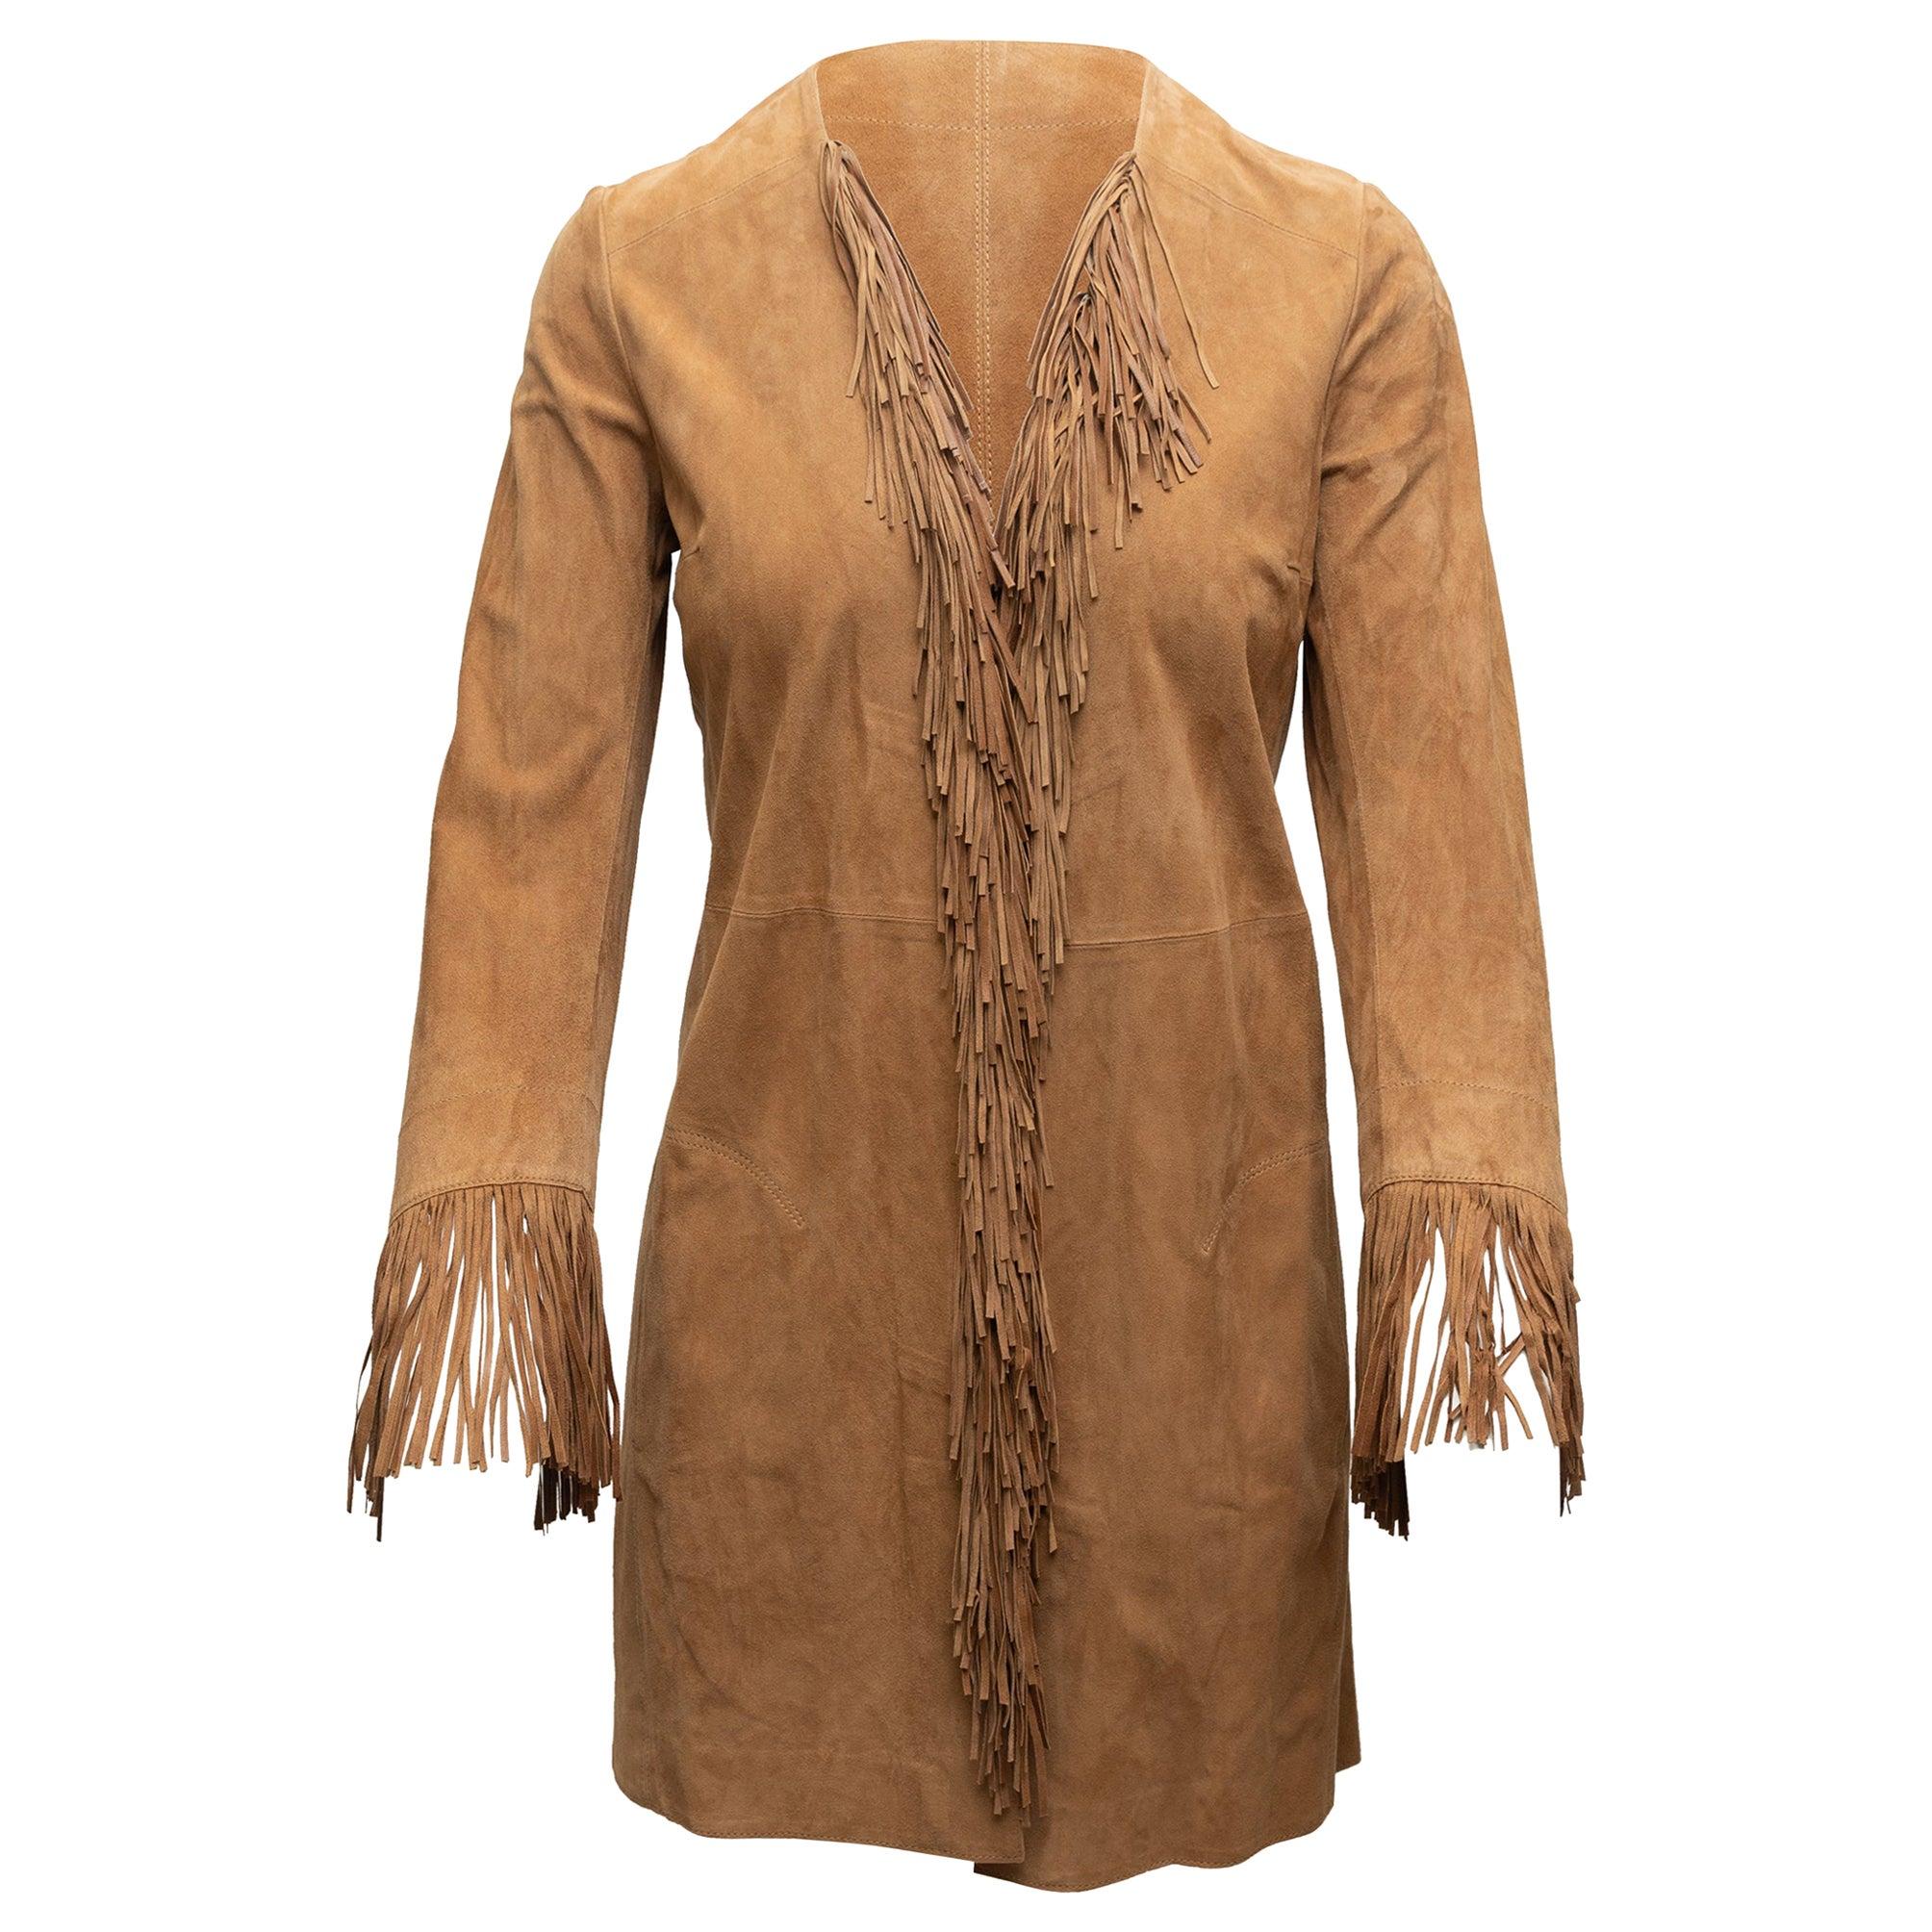 Shari's Place Brown Suede Fringe-Trimmed Coat